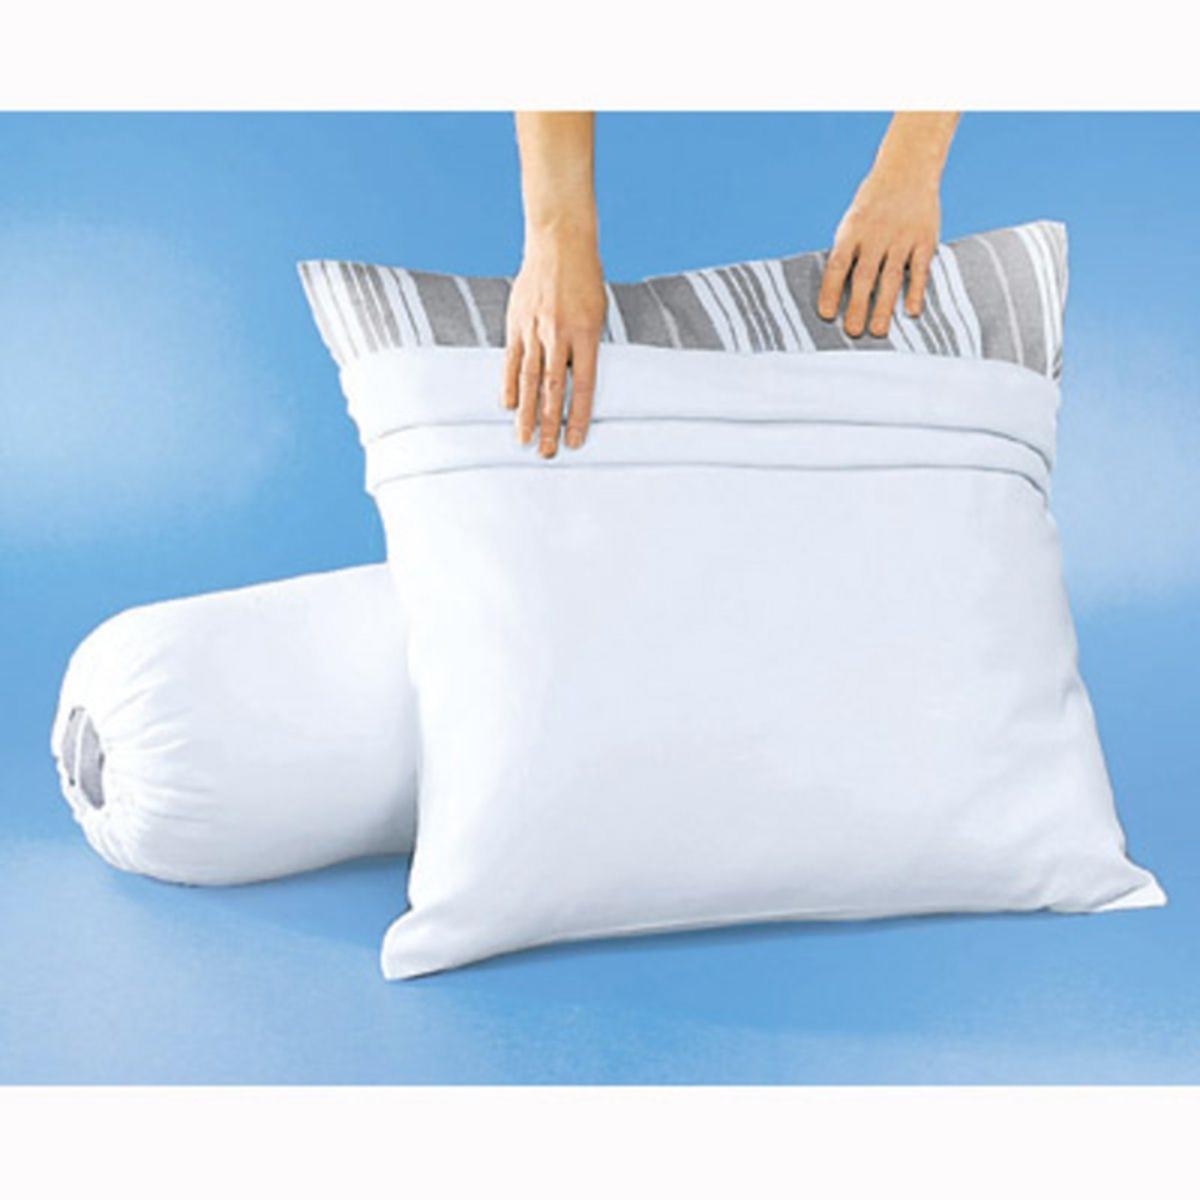 Чехол защитный на подушку из мольтона с обработкой Teflon против пятенЗащитный чехол на подушку из мольтона с обработкой Teflon против пятен.Из мольтона, 100% хлопок, с начесом с обеих сторон (220 г/м?), с обработкой Teflon против пятен (если пятно свежее, чтобы его убрать, достаточно губки или впитывающей бумаги).Машинная стирка при 60 °С.Размер в см  .<br><br>Цвет: белый<br>Размер: 50 x 70  см